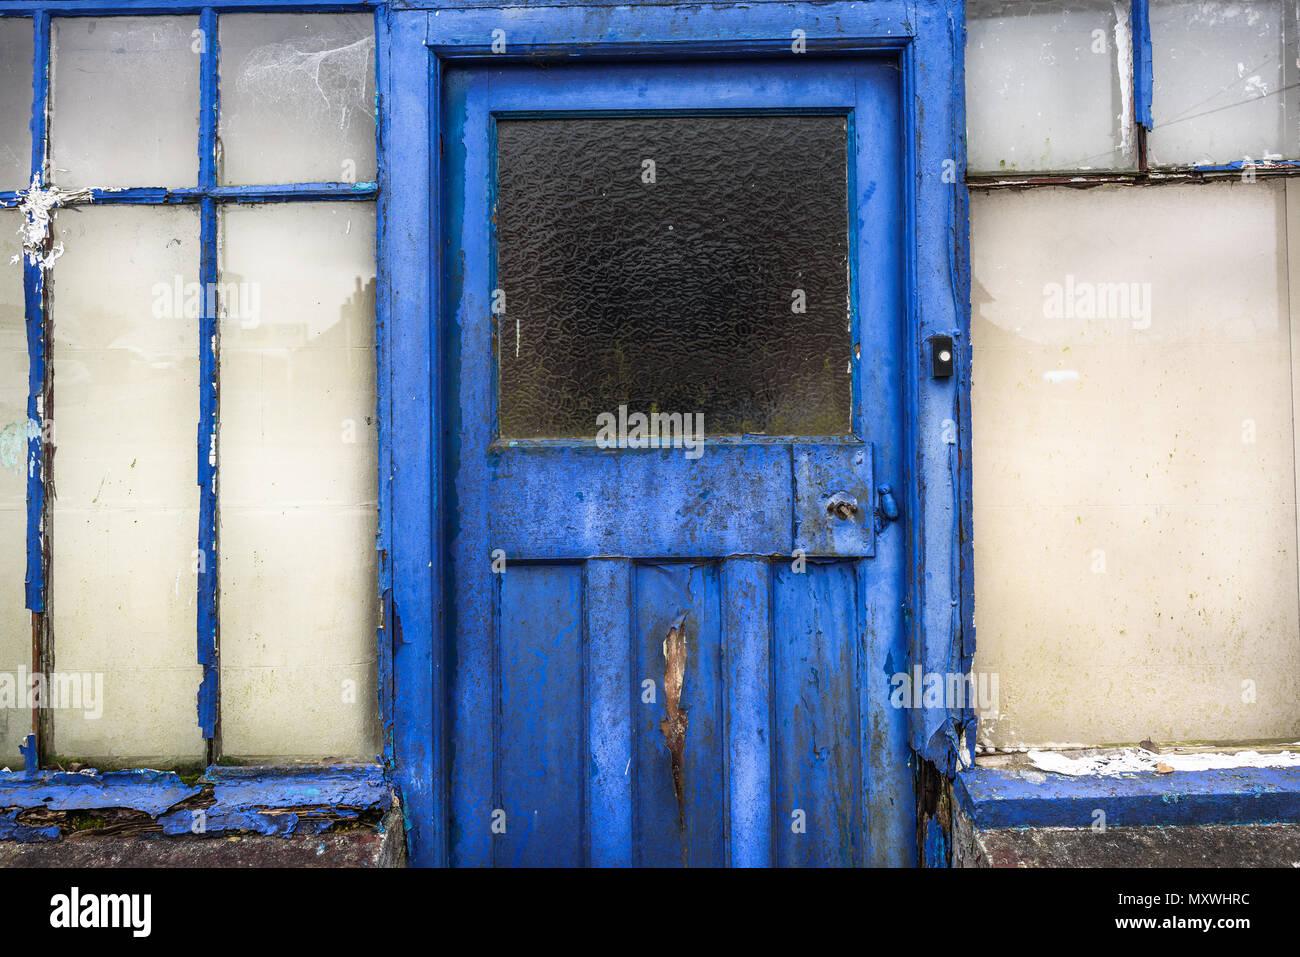 Old rotten front wooden door. - Stock Image